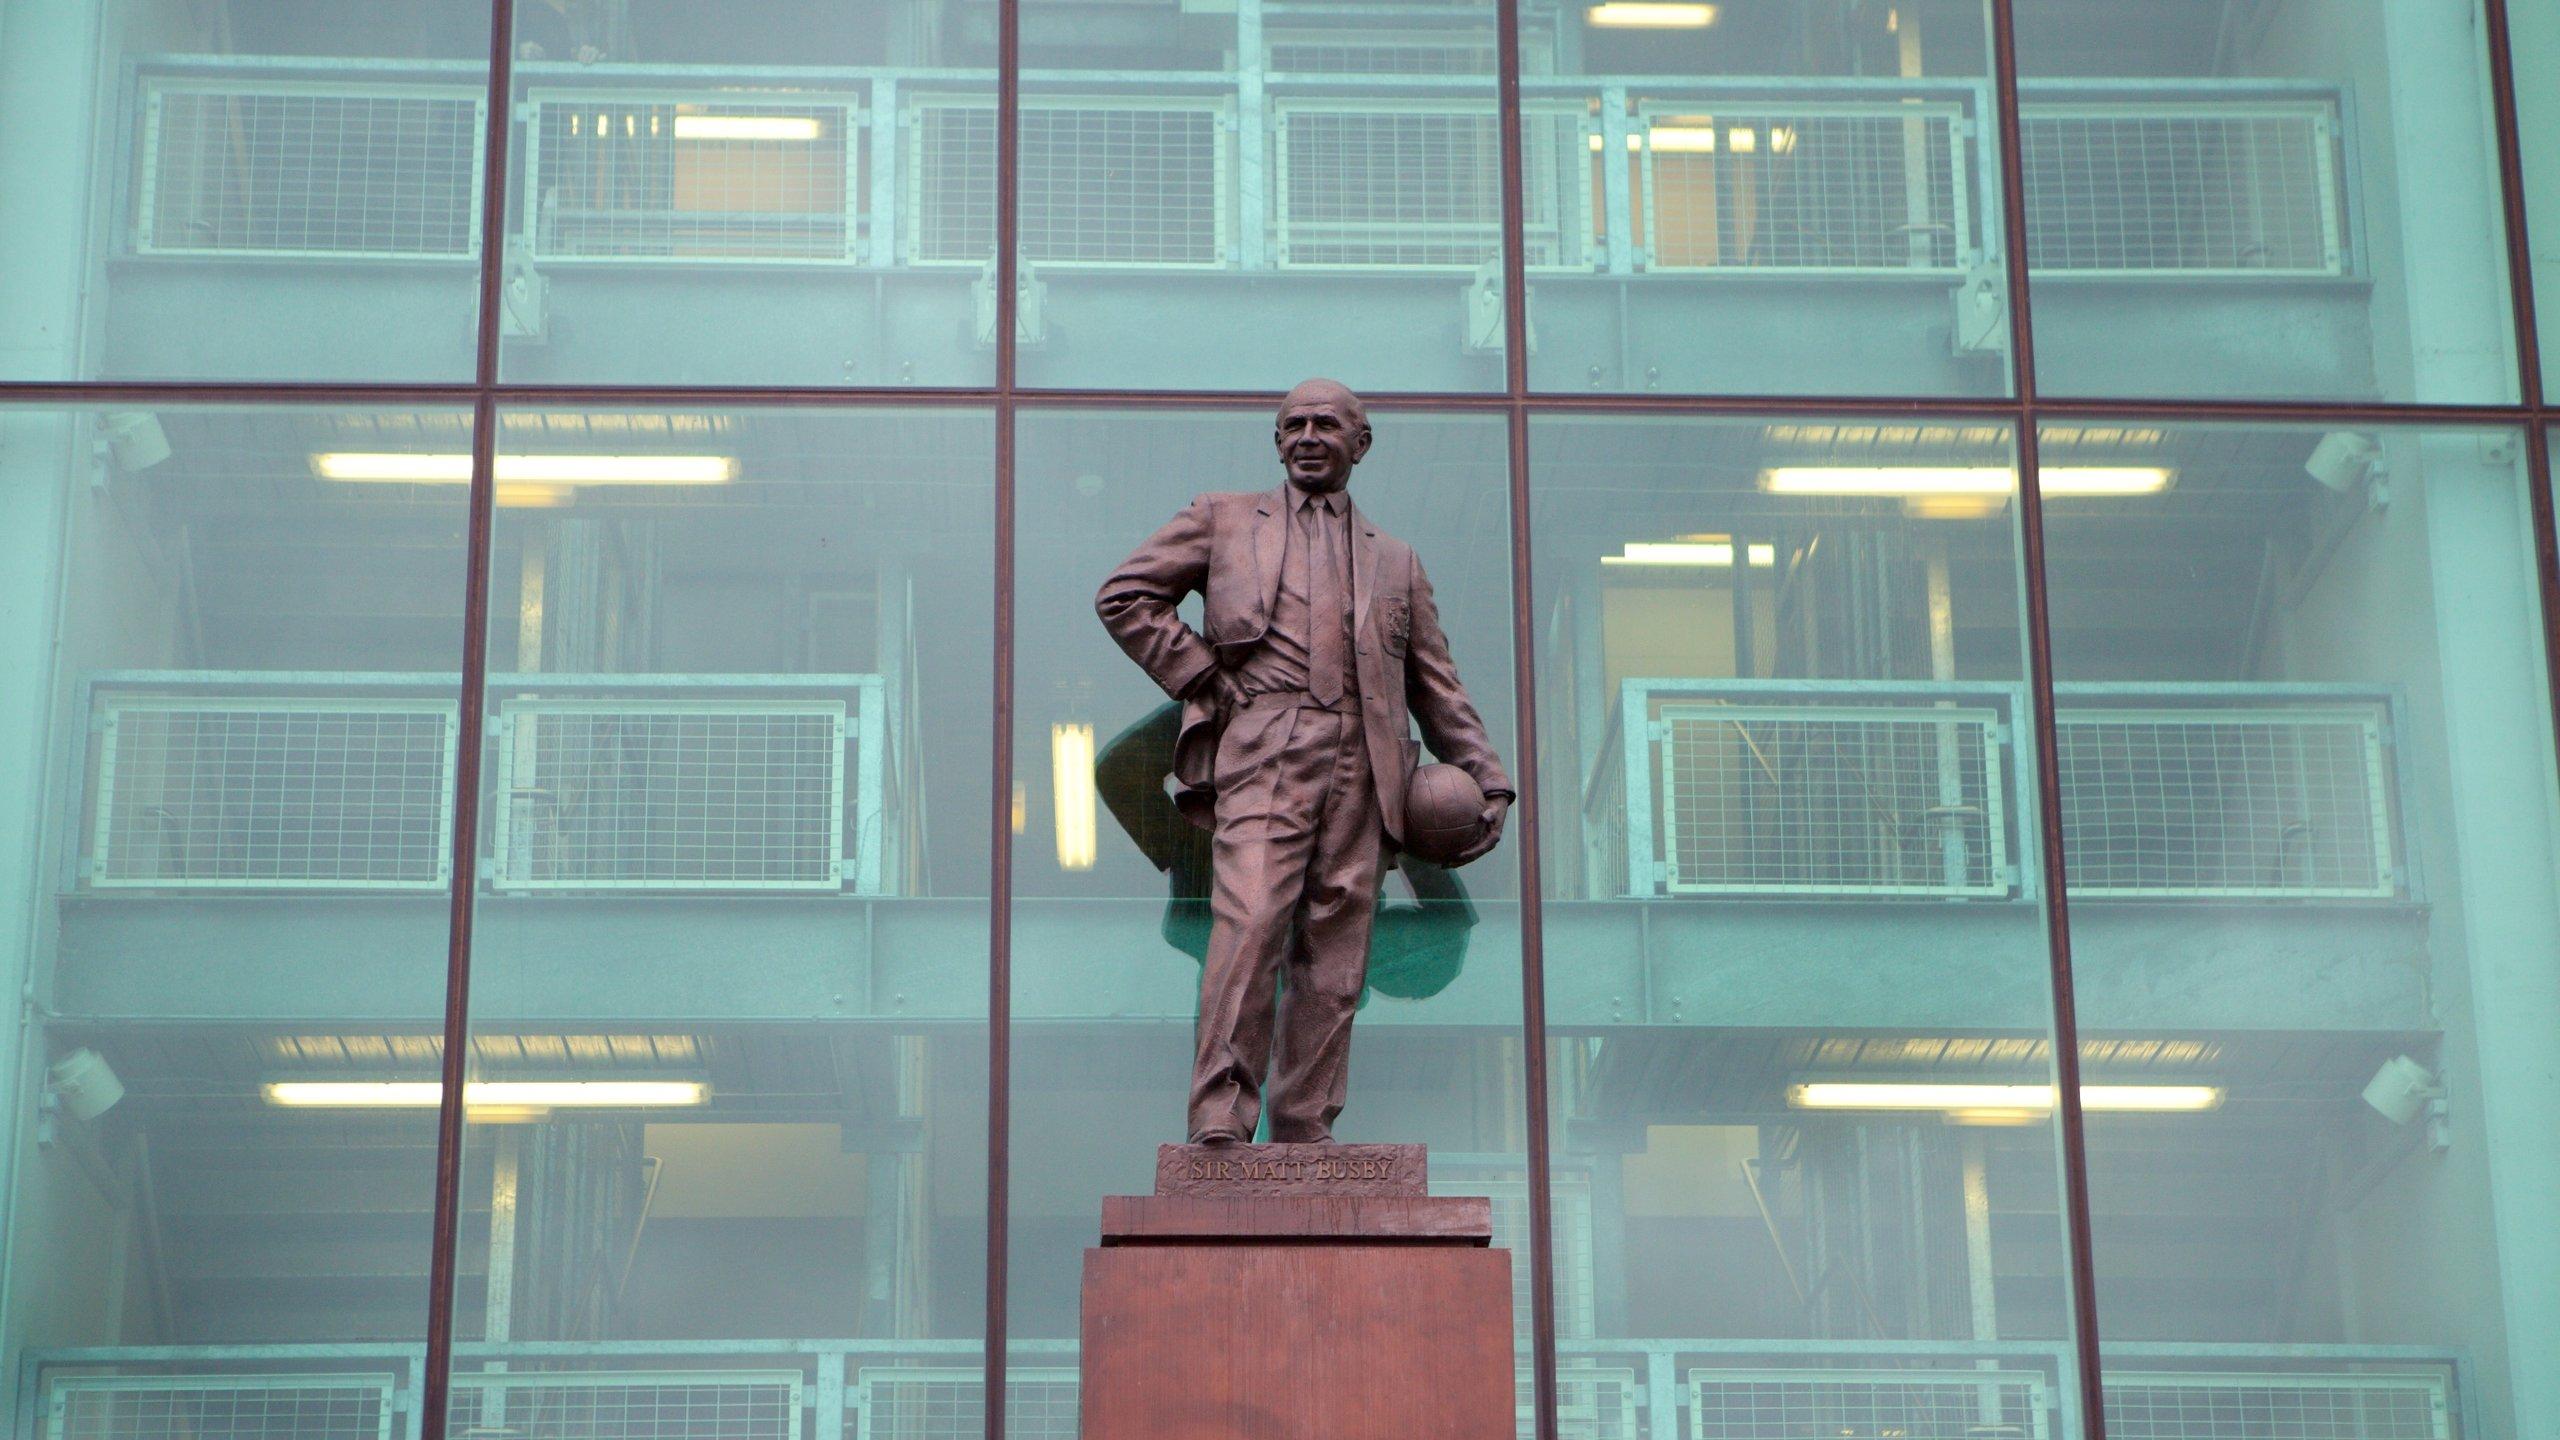 Old Trafford, Manchester, England, United Kingdom